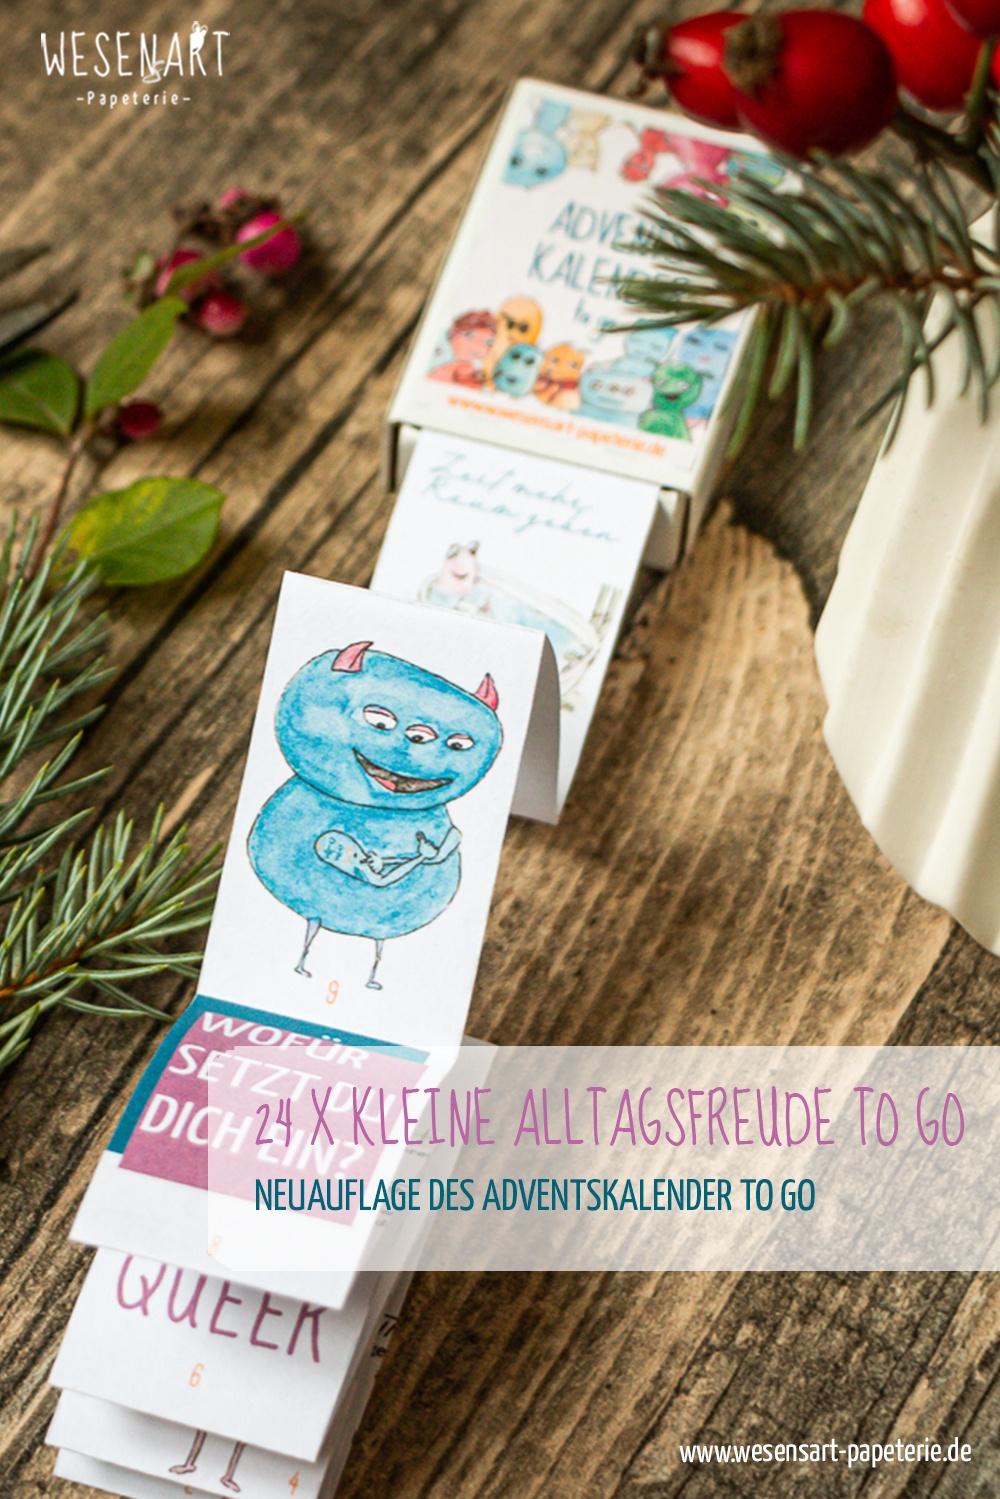 Adventskalender to go bei dem ein paar Bilder heraus gezogen sind. Rechts daneben Washi-Tape. Oben Rechts daneben eine Vase mit Tannengrün und Hagebutten